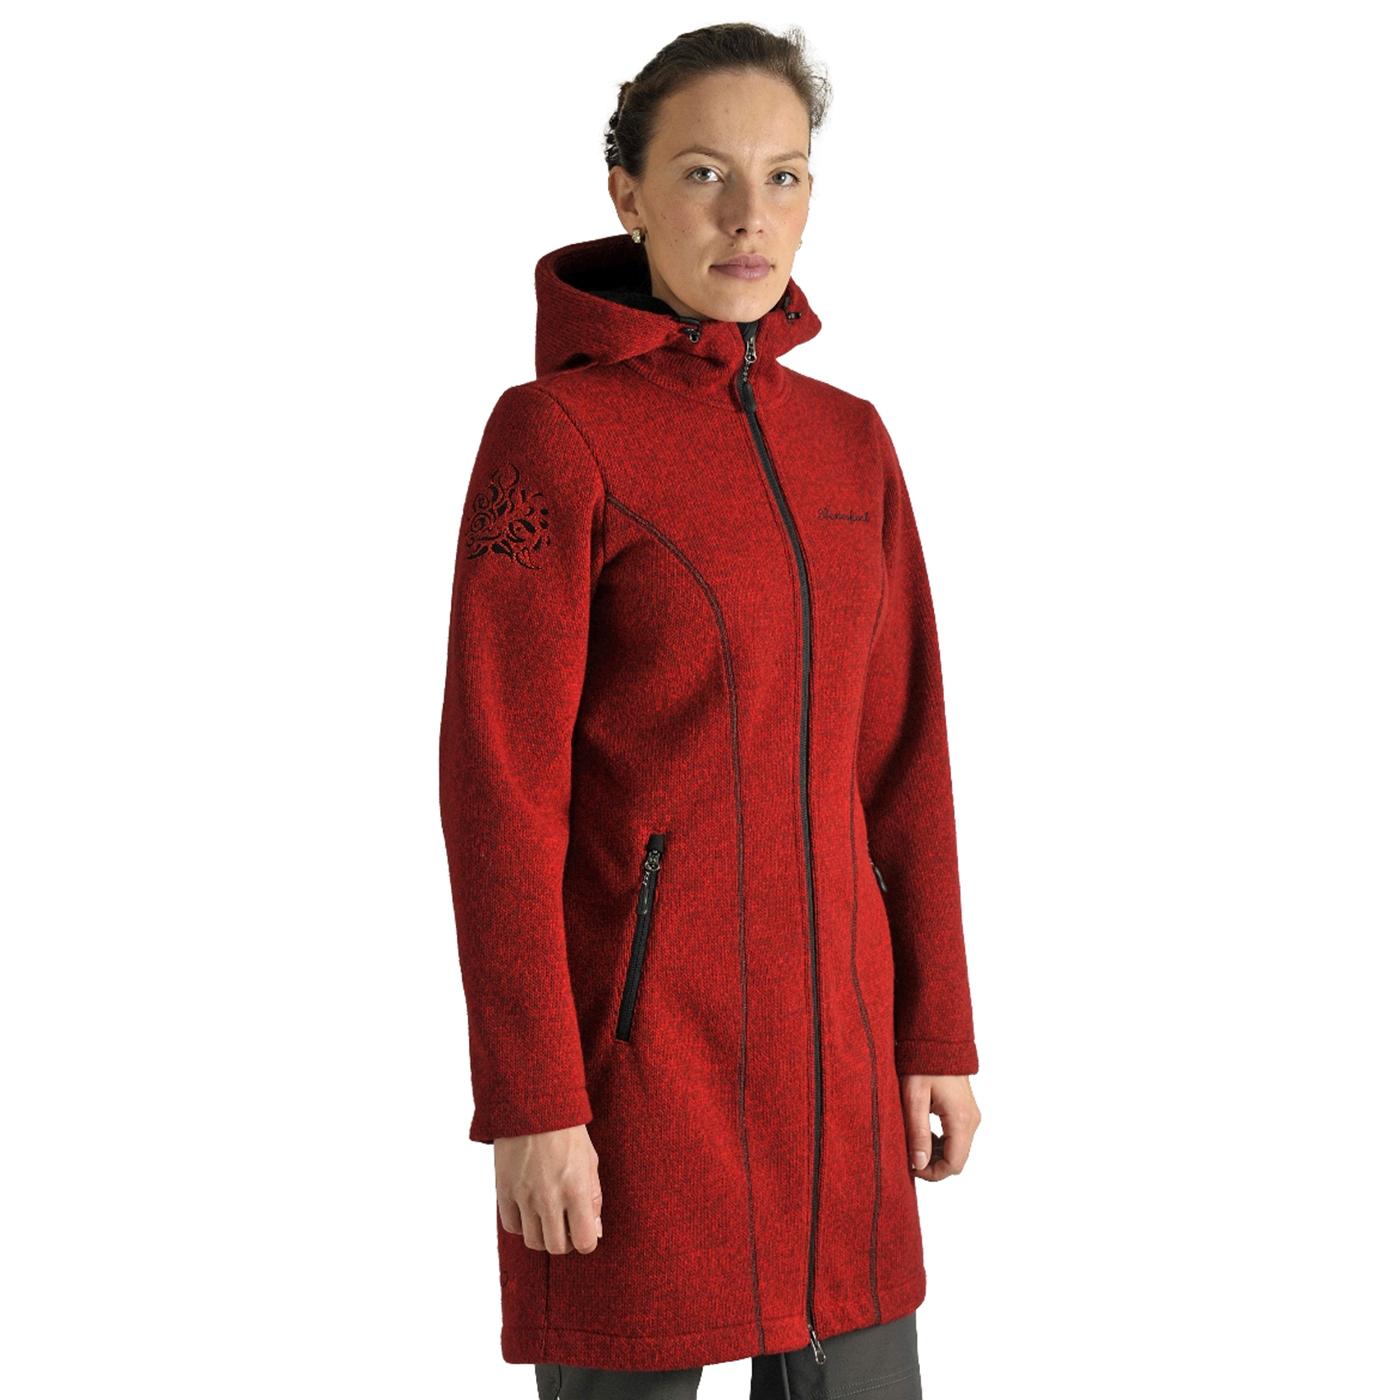 Benesport dámska bunda Pekelník - červená, veľkosť M